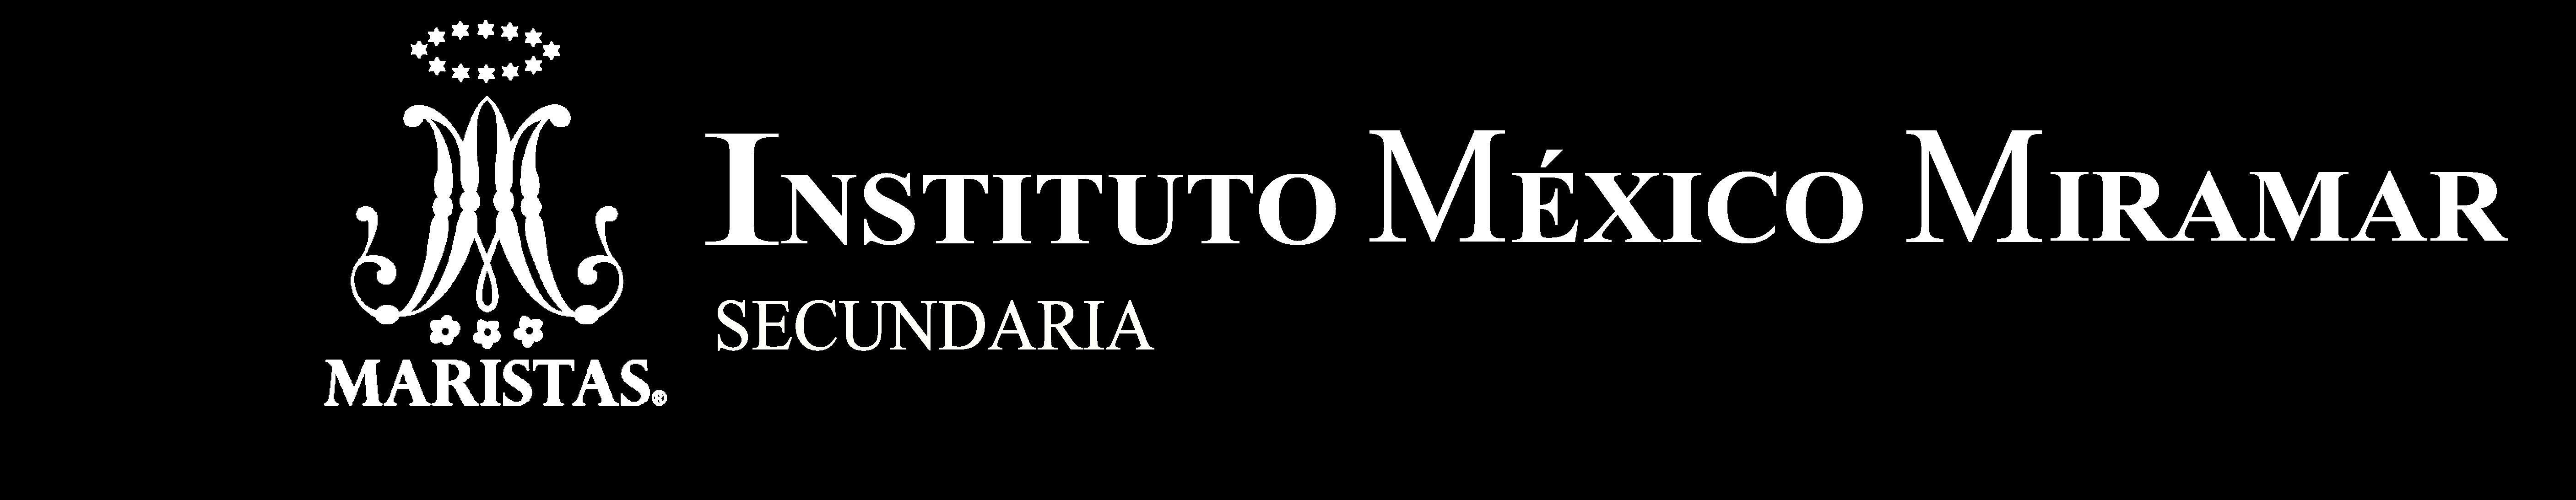 Instituto México Miramar